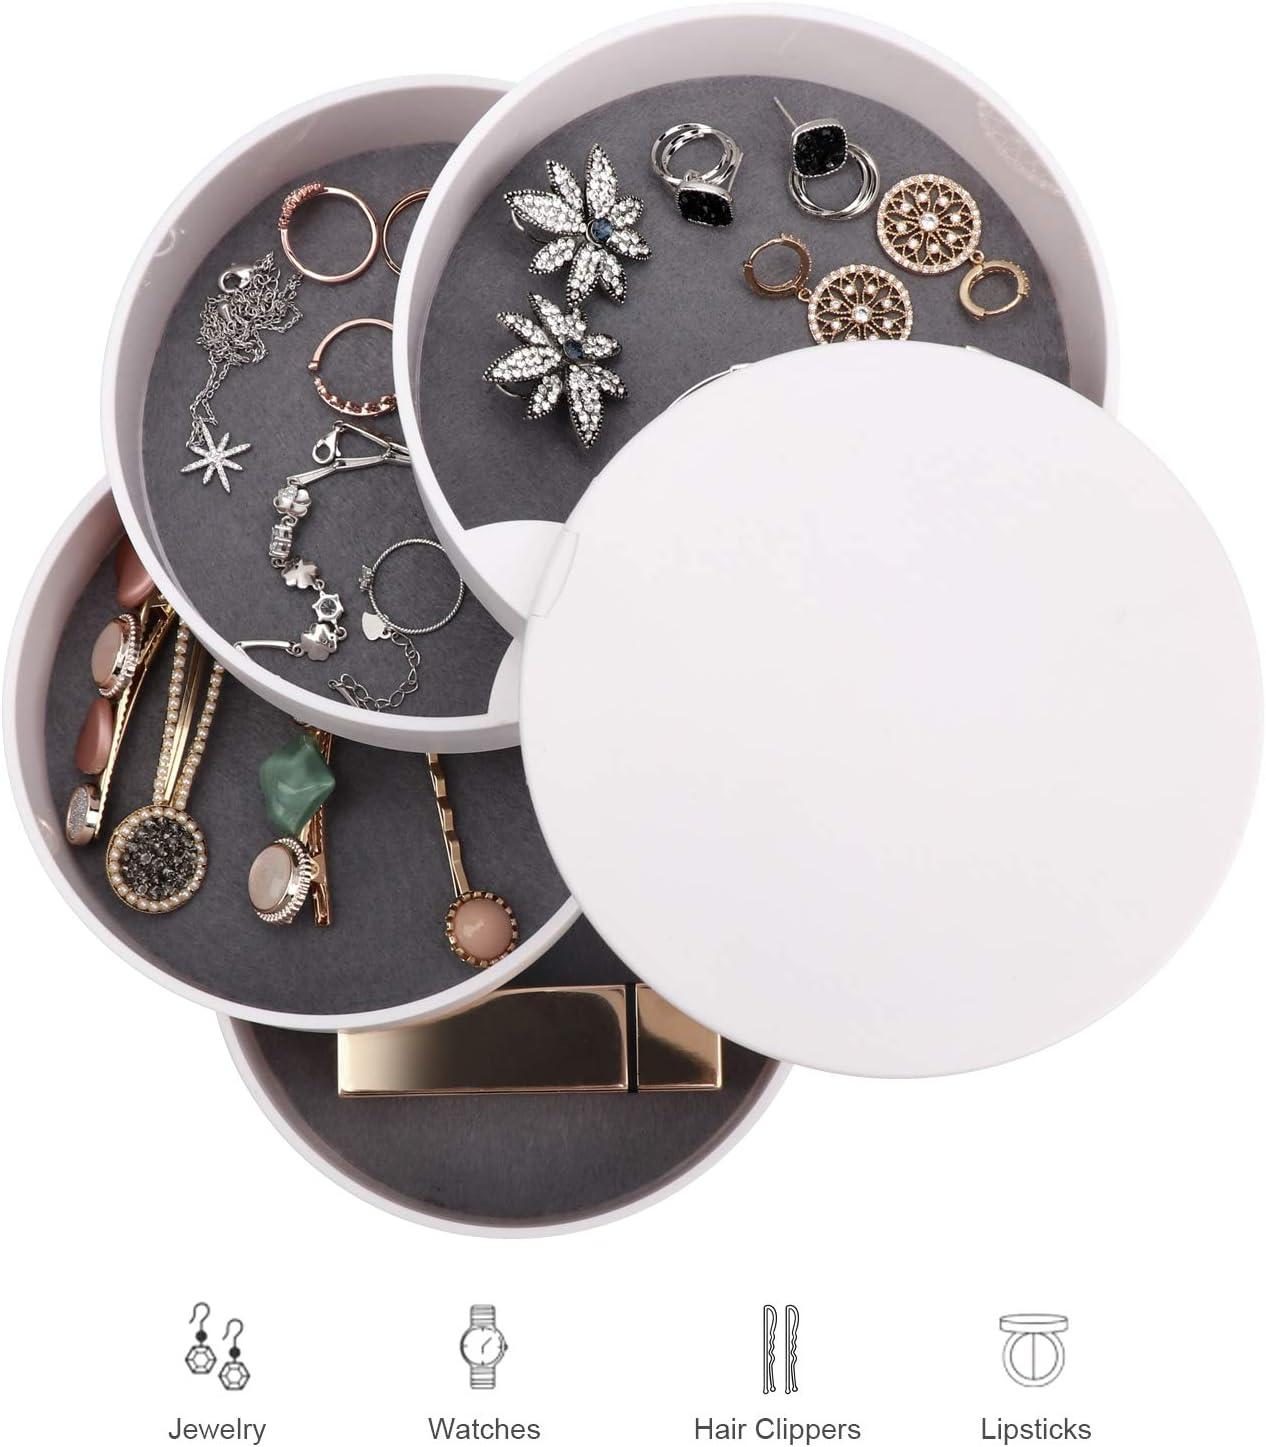 Coffret /à Bijoux de 4 Niveaux avec Couvercle Blanc Allinside Bo/îte /à Bijoux avec Miroir Rotation de 360 Degr/és Organisateur de Bijoux de Rangement pour Collier Bracelet Boucles Bagues